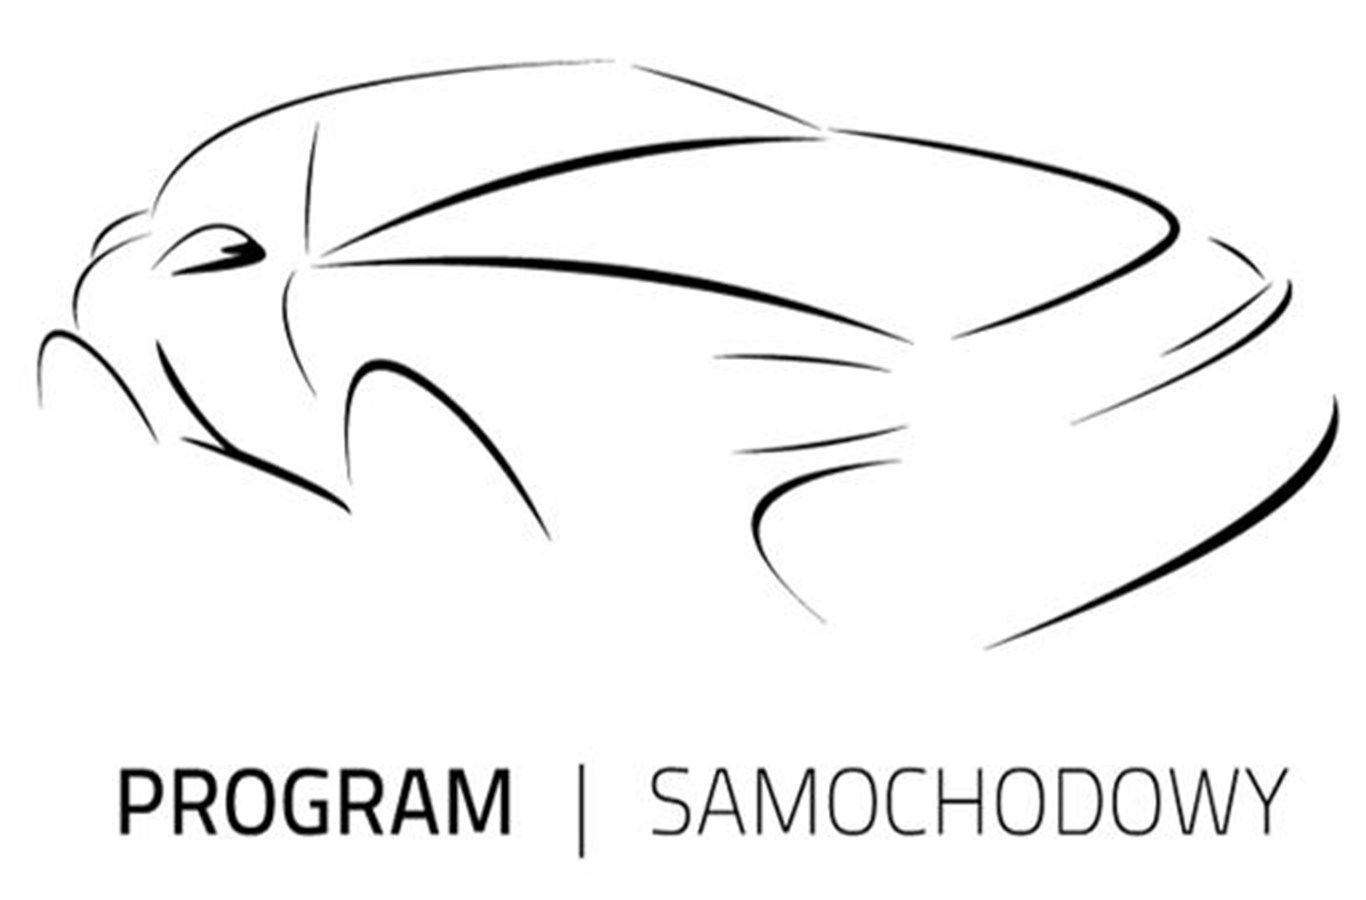 Program Samochodowy Program Samochody Wypracowanie